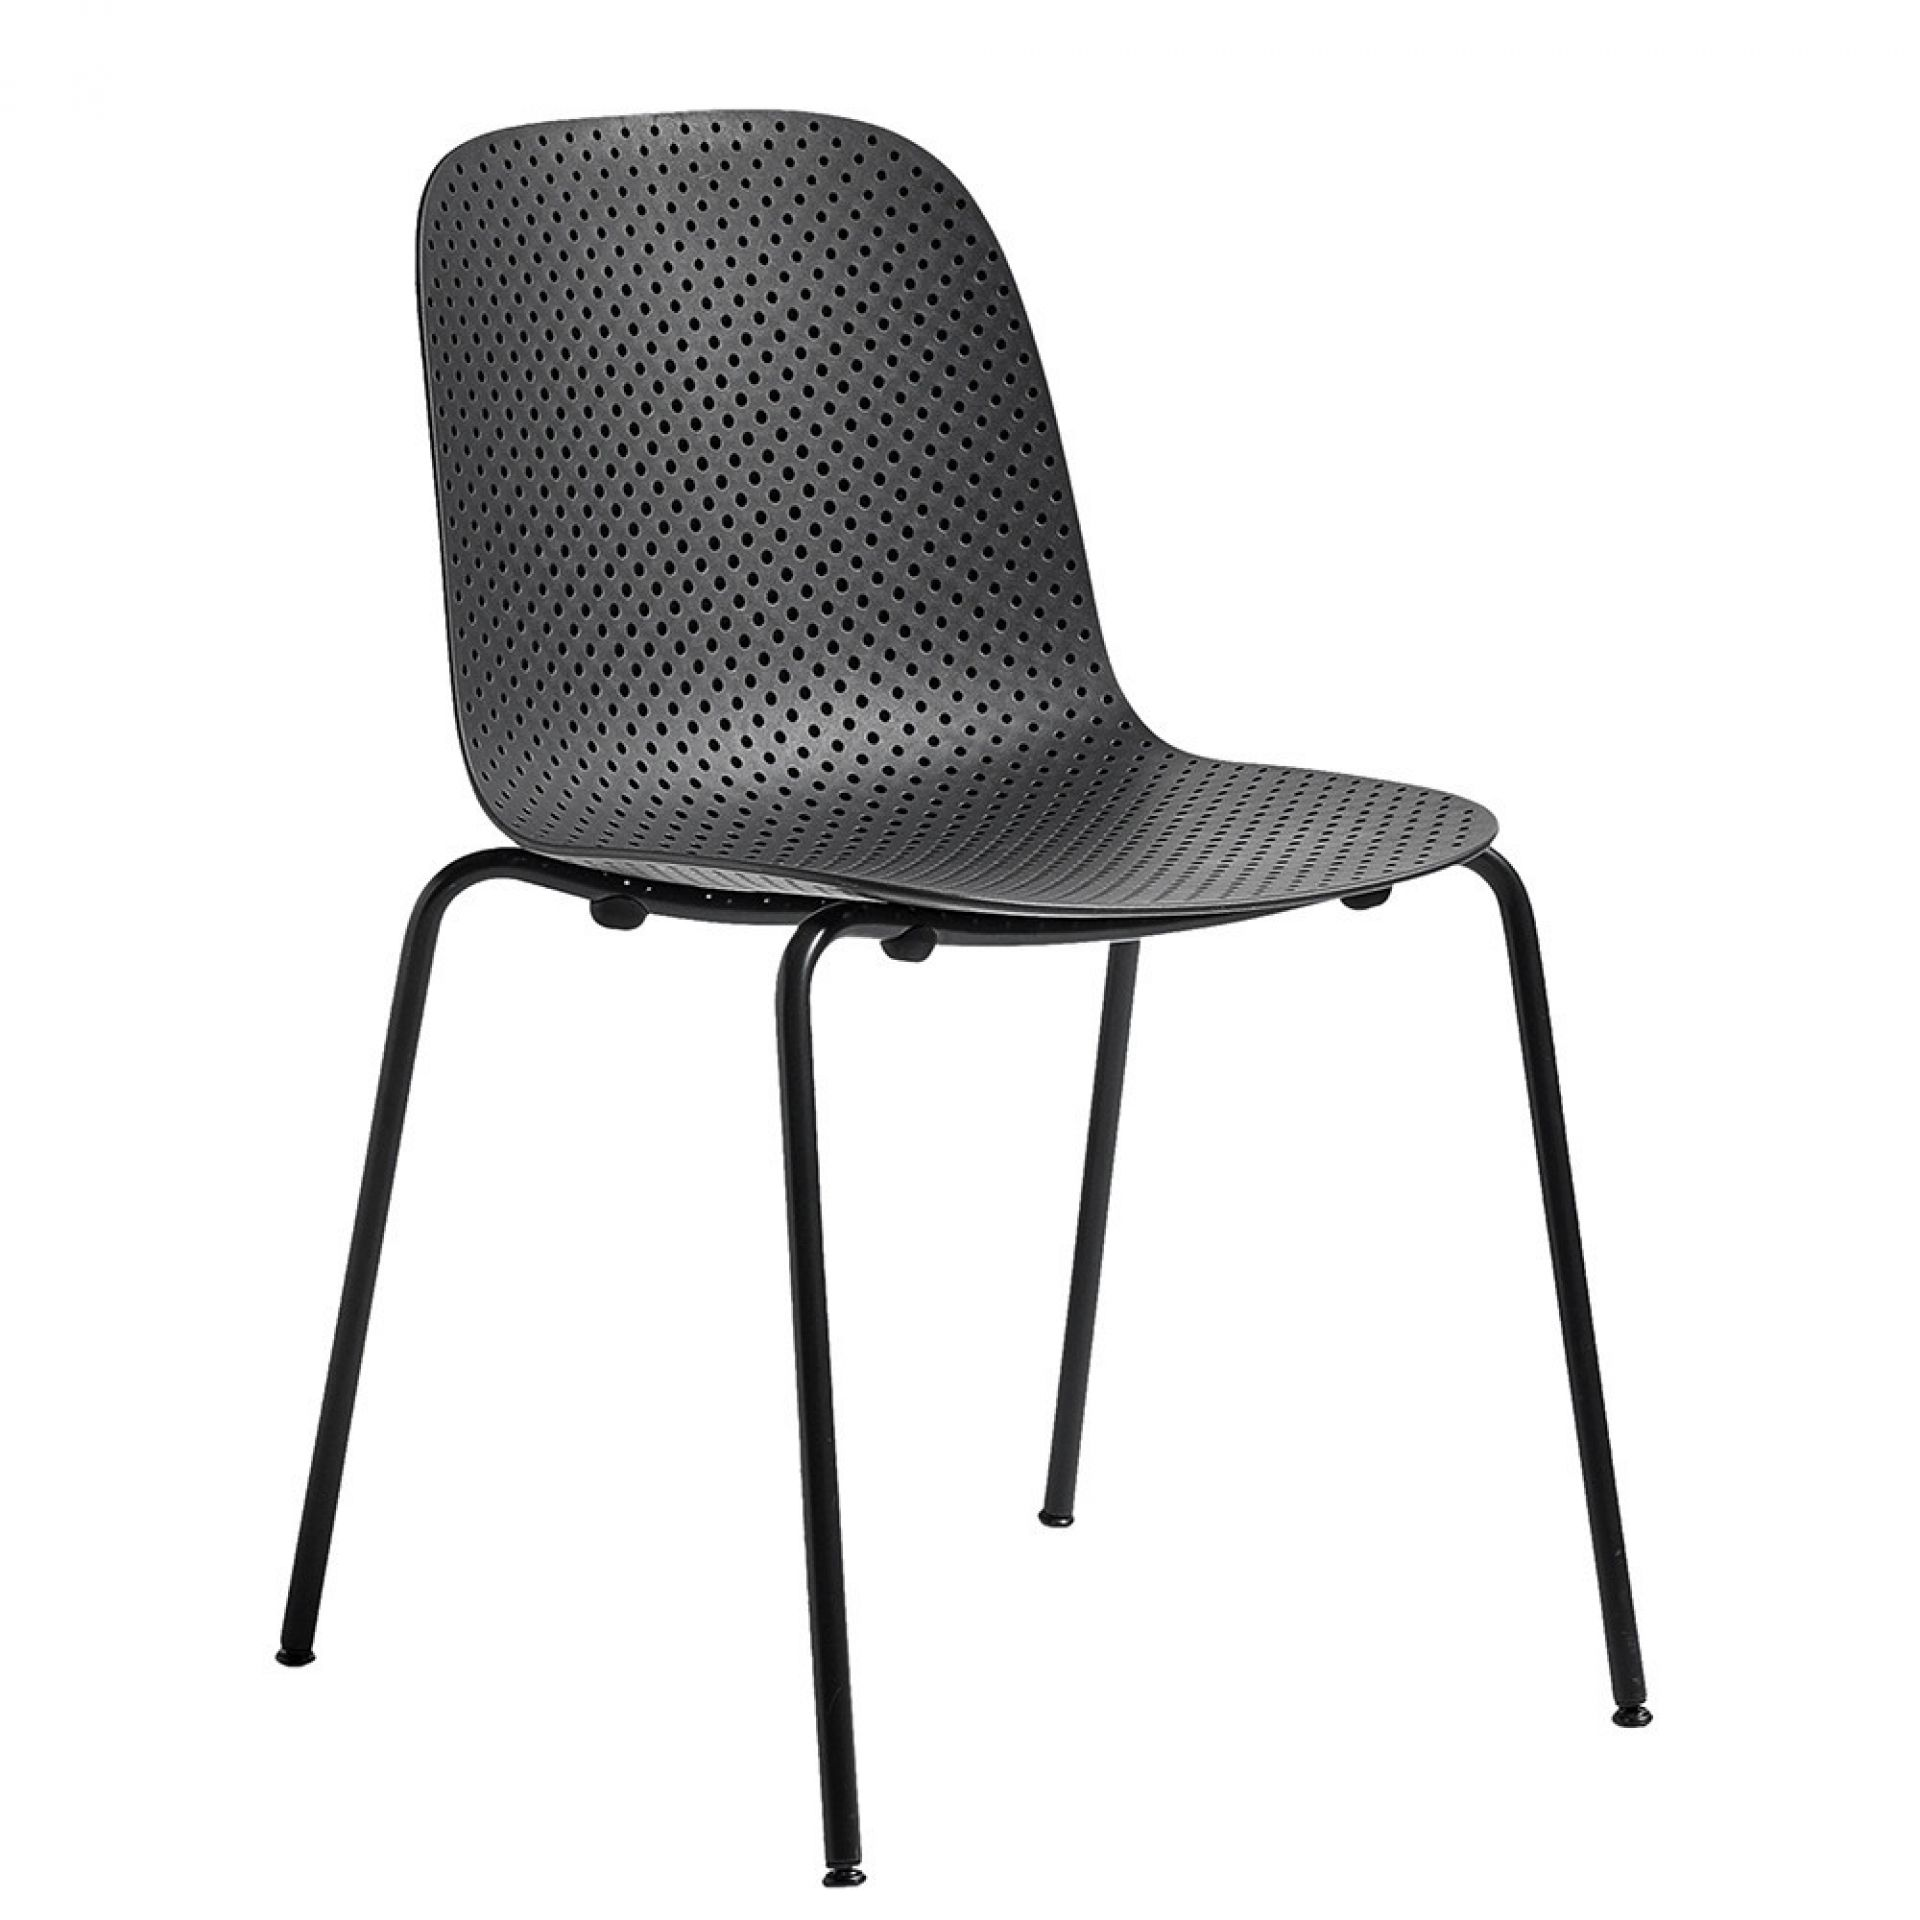 13Eighty Stuhl Hay-Sitz Soft schwarz / Gestell graphit schwarz